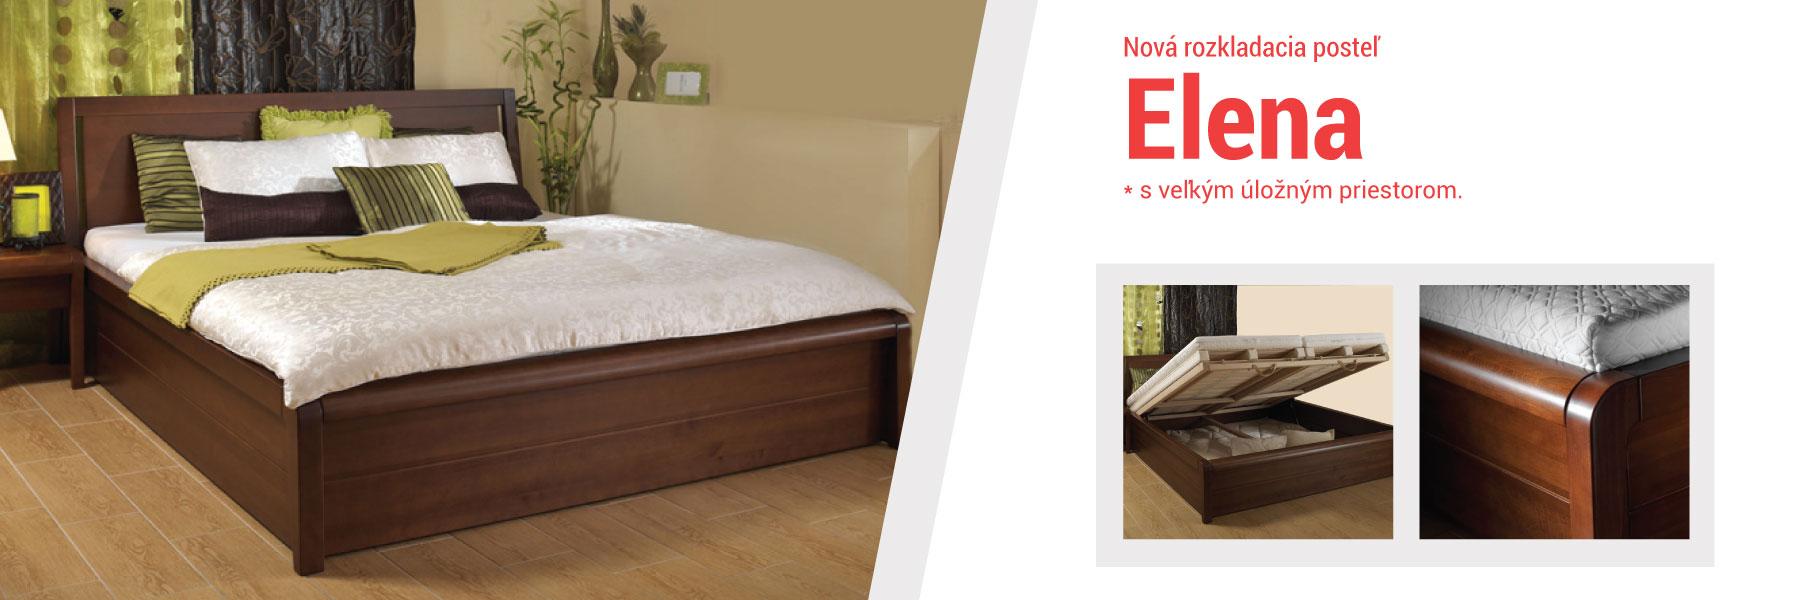 ELENA - Nová rozkladacia posteľ s veľkým úložným priestorom.